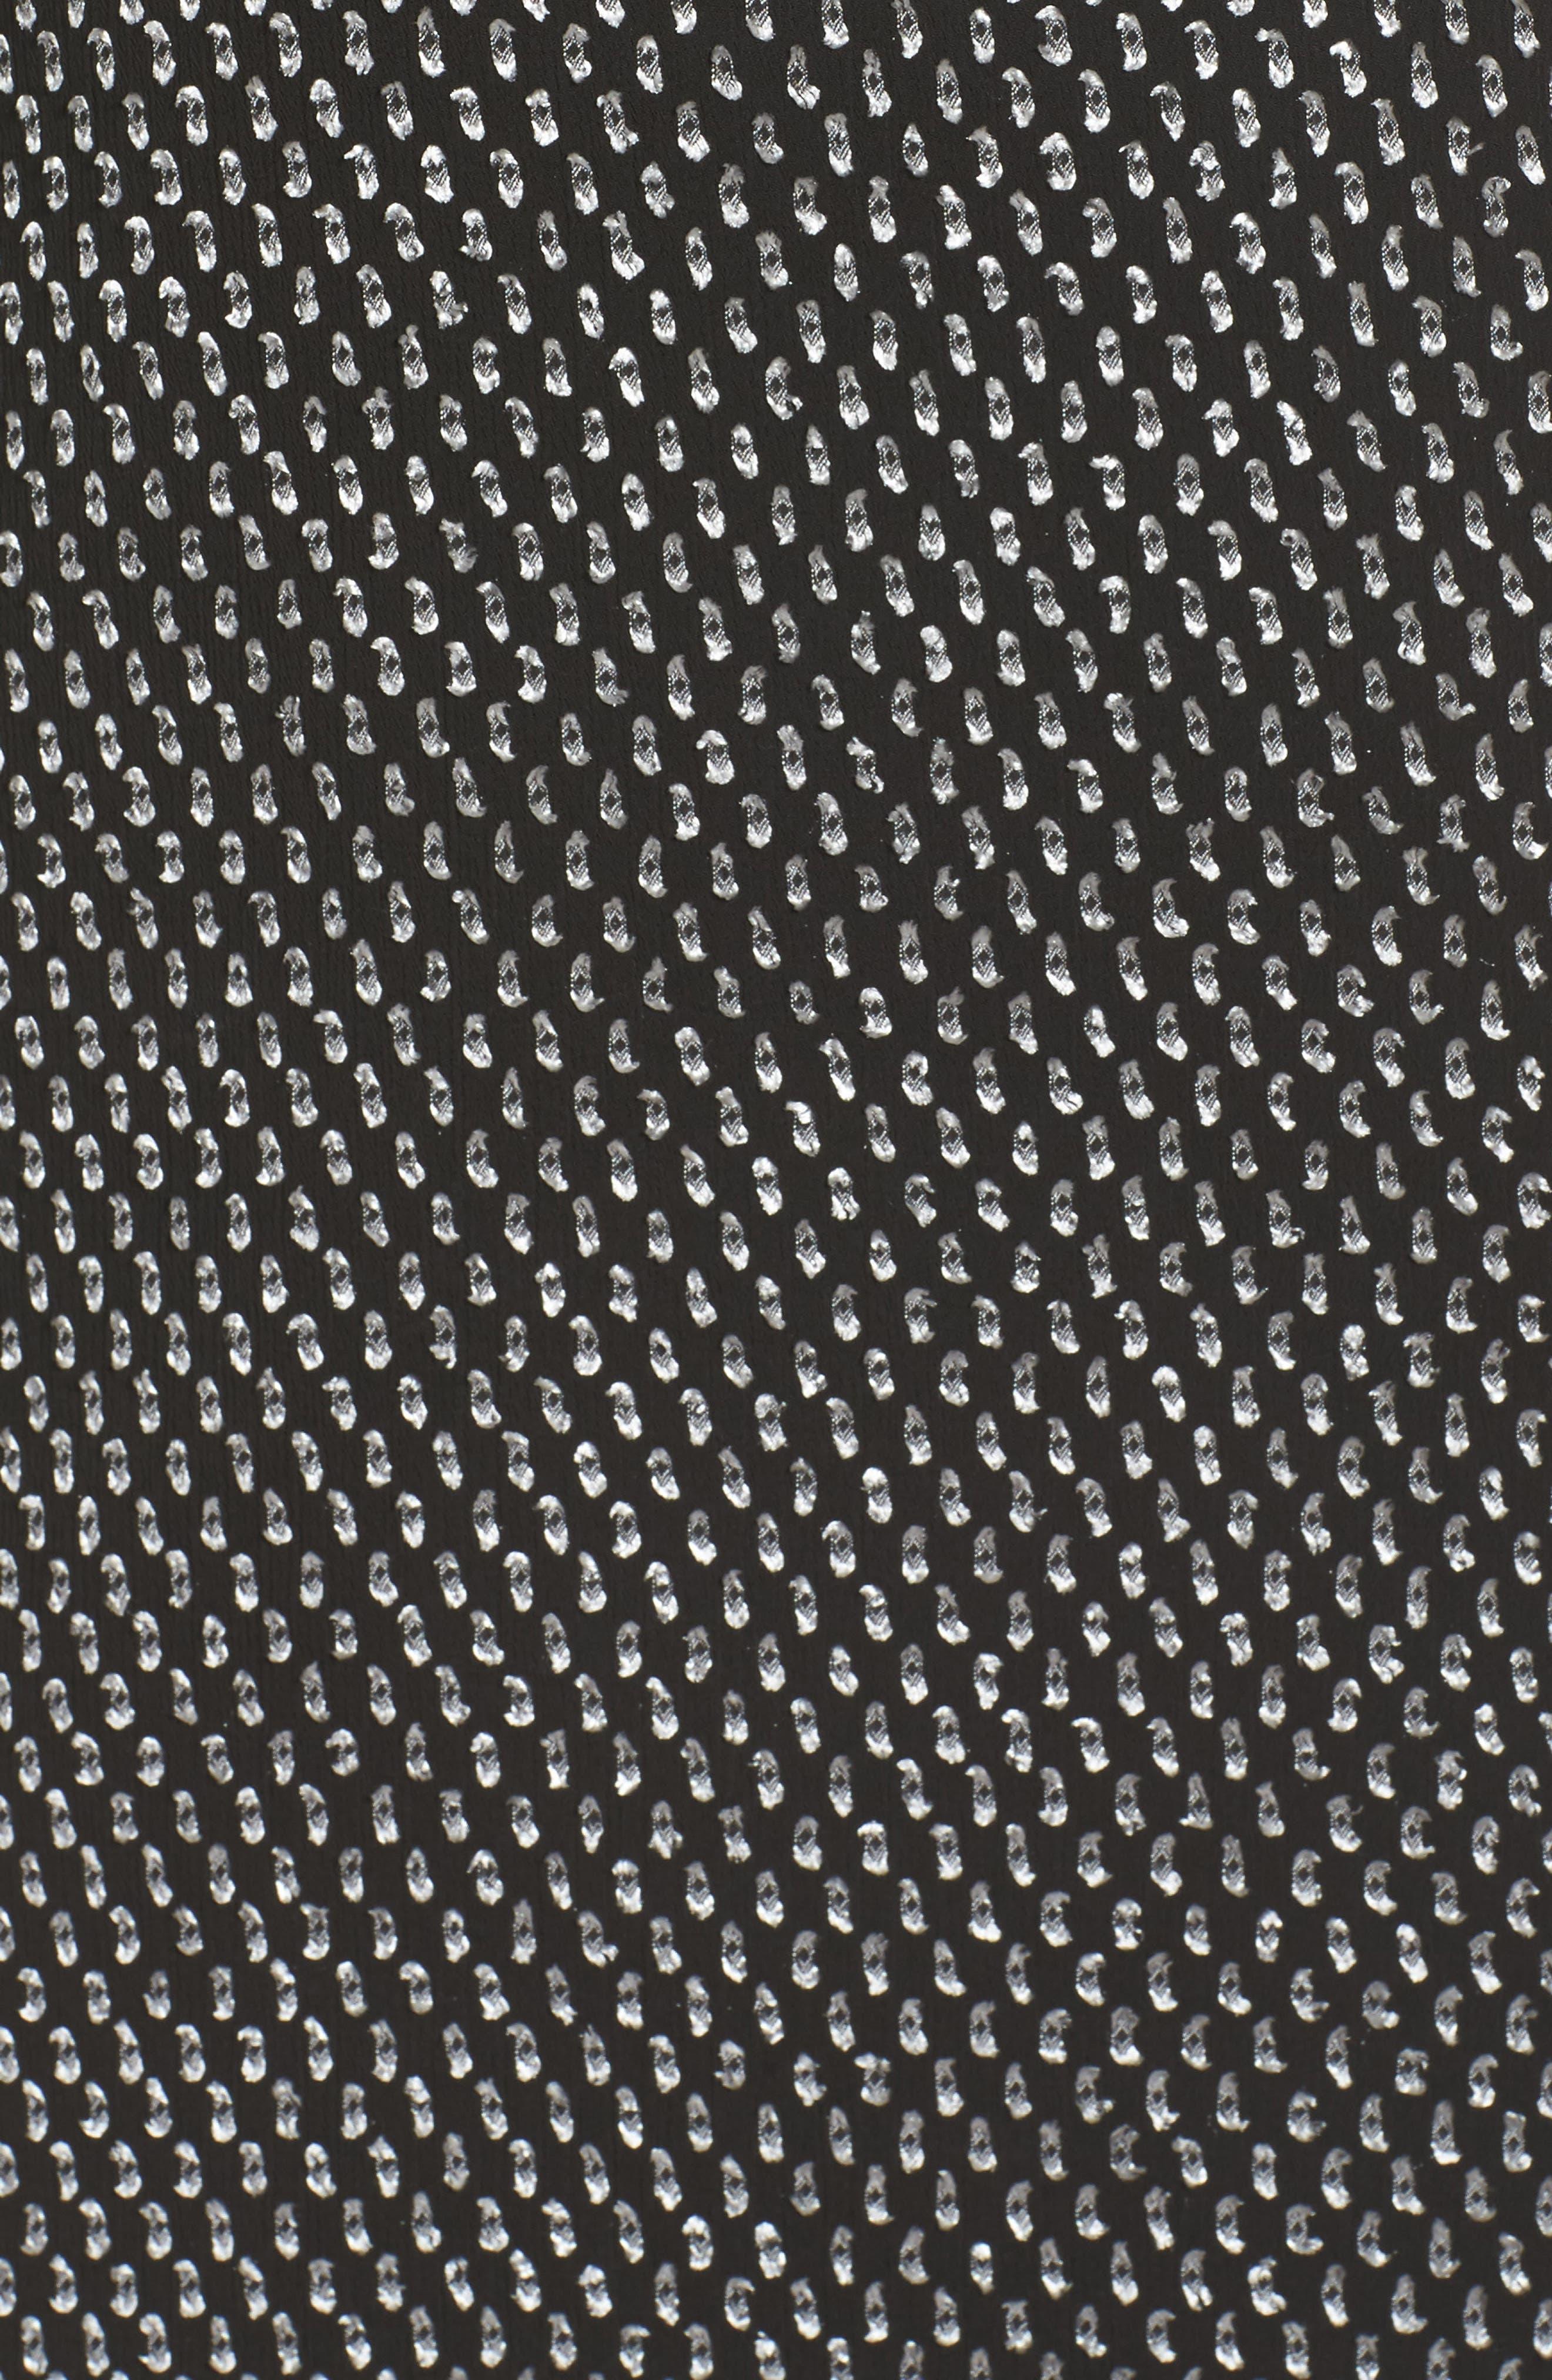 Resys at Felix Shift Dress,                             Alternate thumbnail 6, color,                             Black/ White Dot